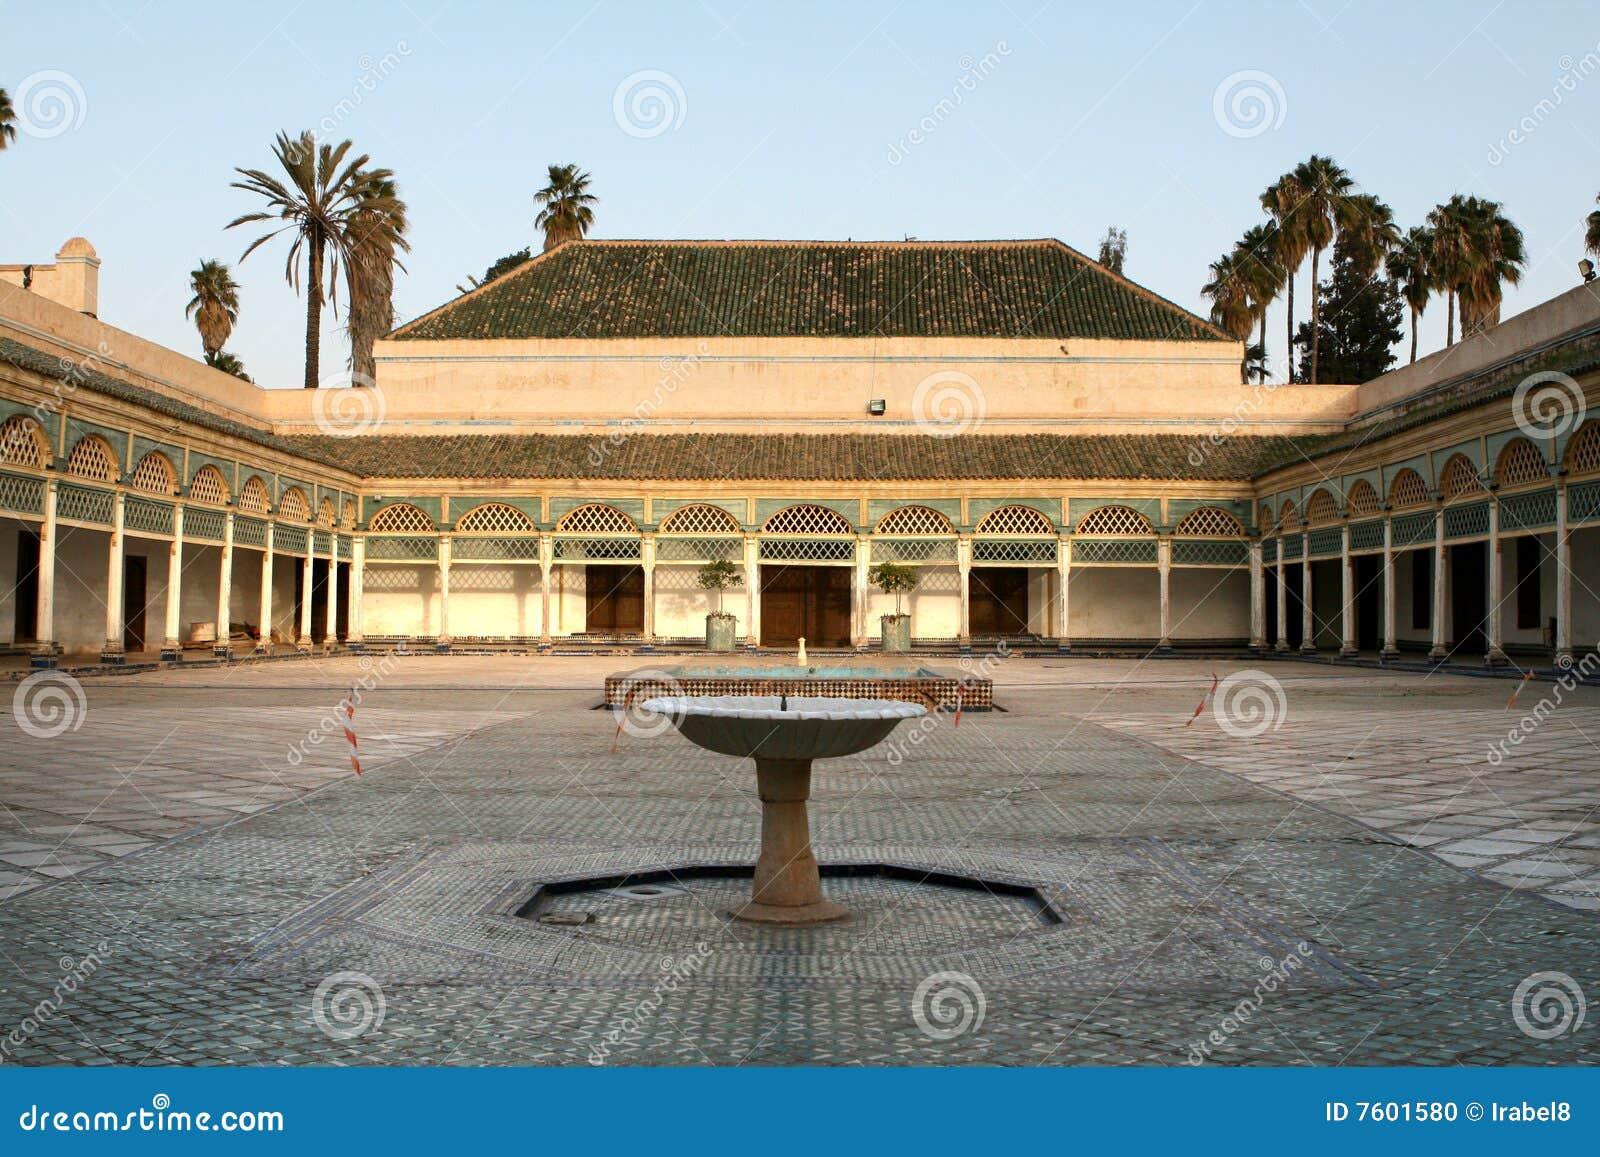 Palacio de Bahía, Marrakesh